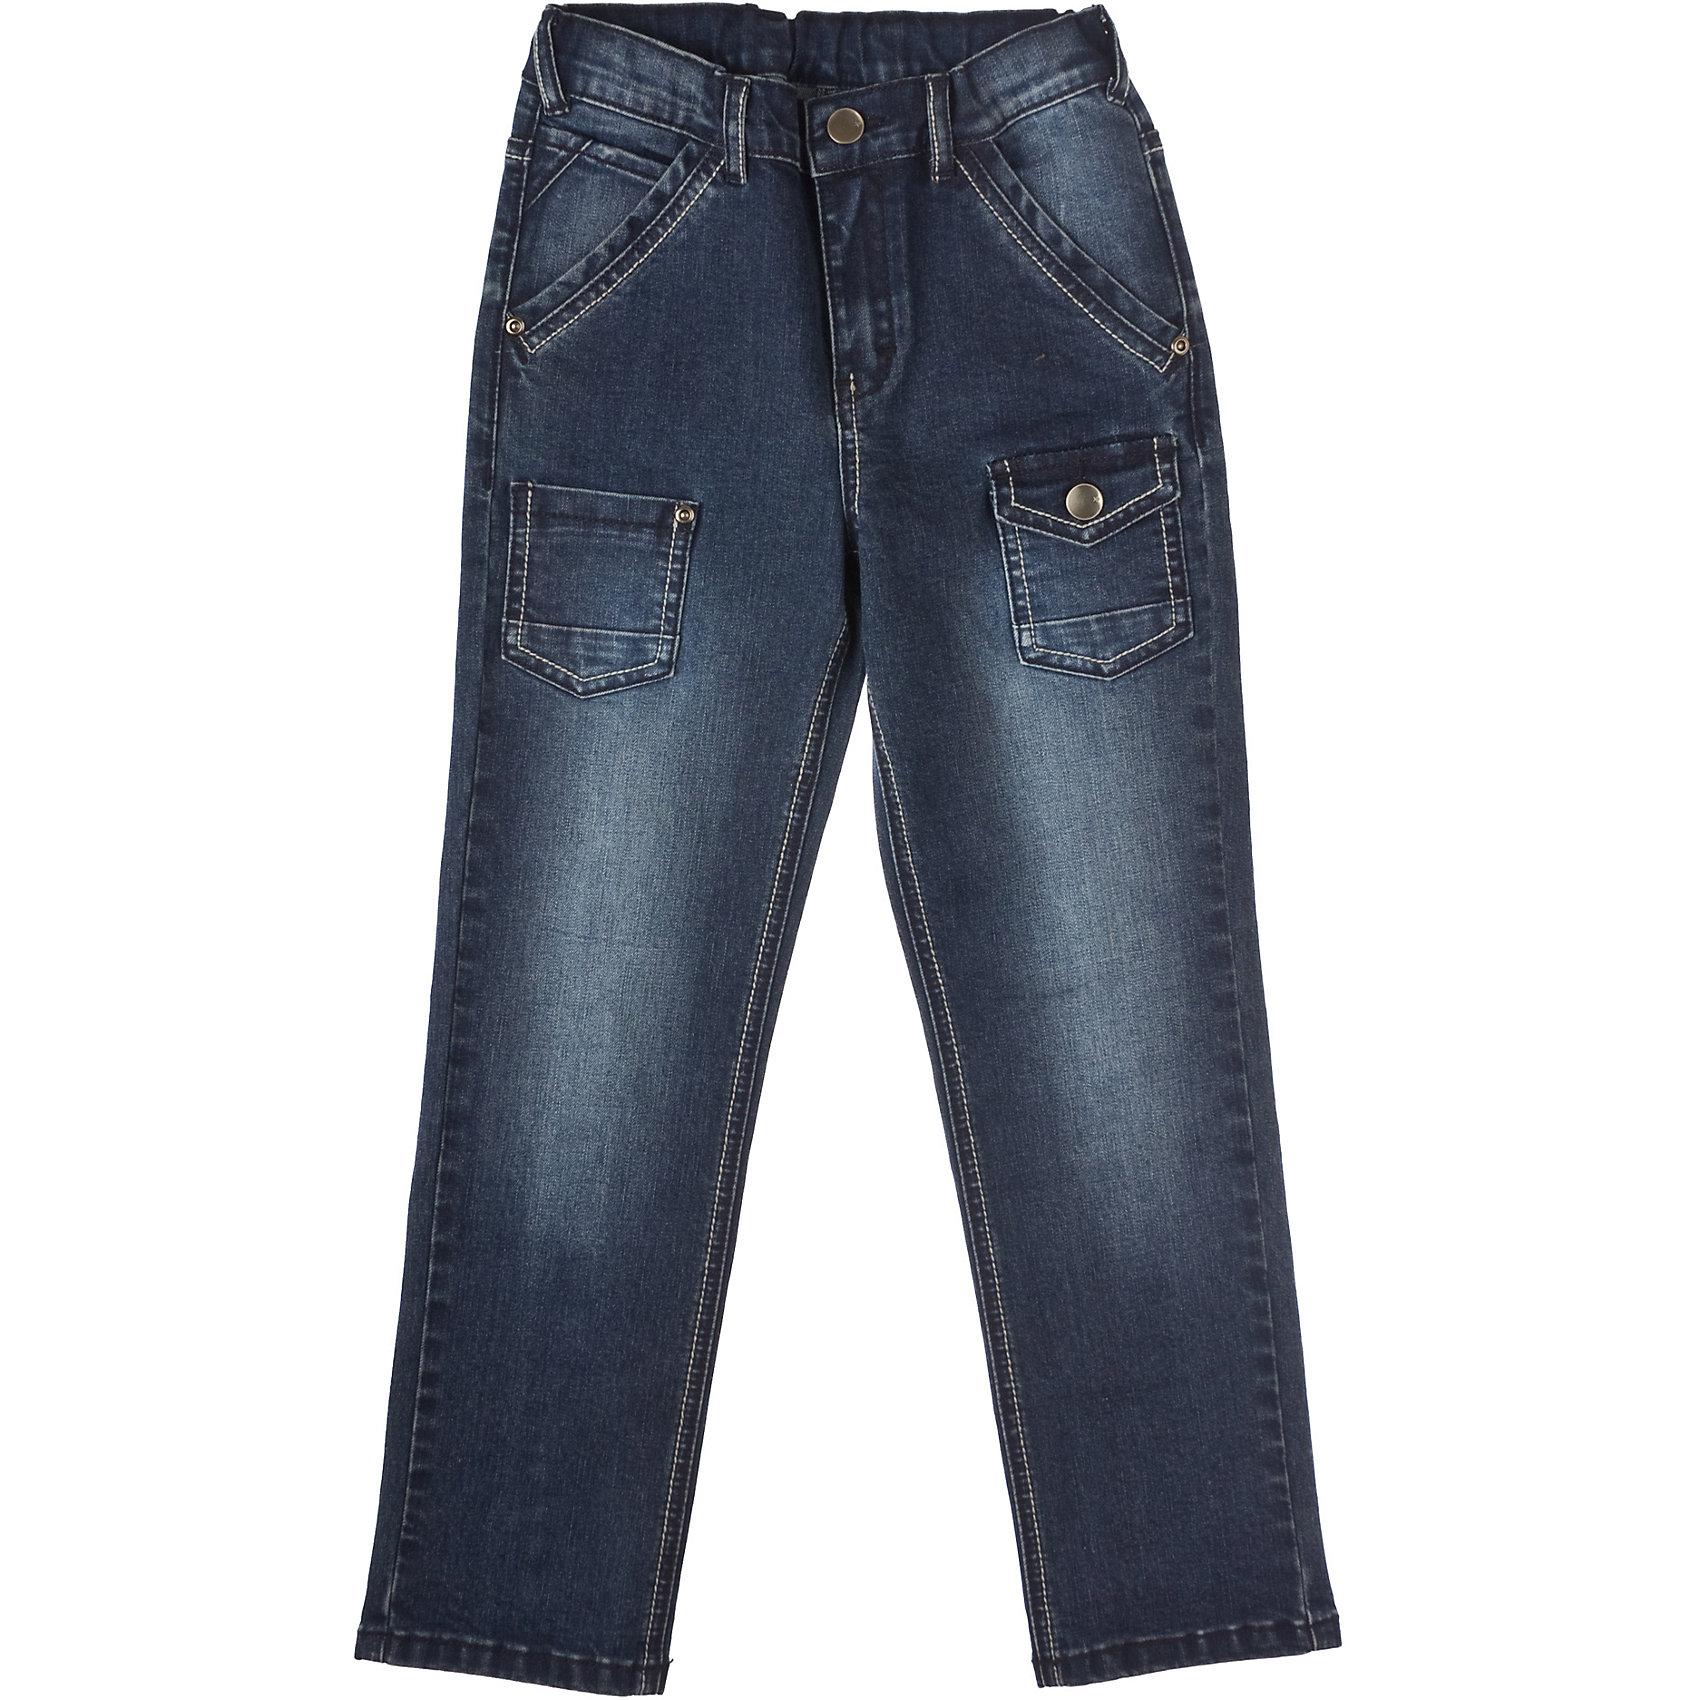 Джинсы для мальчика PlayTodayДжинсовая одежда<br>Брюки для мальчика PlayToday Стильные джинсы из плотной ткани. Шесть карманов. Эффект потертости. Эластичные вставки на поясе. Состав: 80% хлопок, 18% полиэстер, 2% эластан<br><br>Ширина мм: 215<br>Глубина мм: 88<br>Высота мм: 191<br>Вес г: 336<br>Цвет: полуночно-синий<br>Возраст от месяцев: 36<br>Возраст до месяцев: 48<br>Пол: Мужской<br>Возраст: Детский<br>Размер: 104,98,110,128,116,122<br>SKU: 4227805